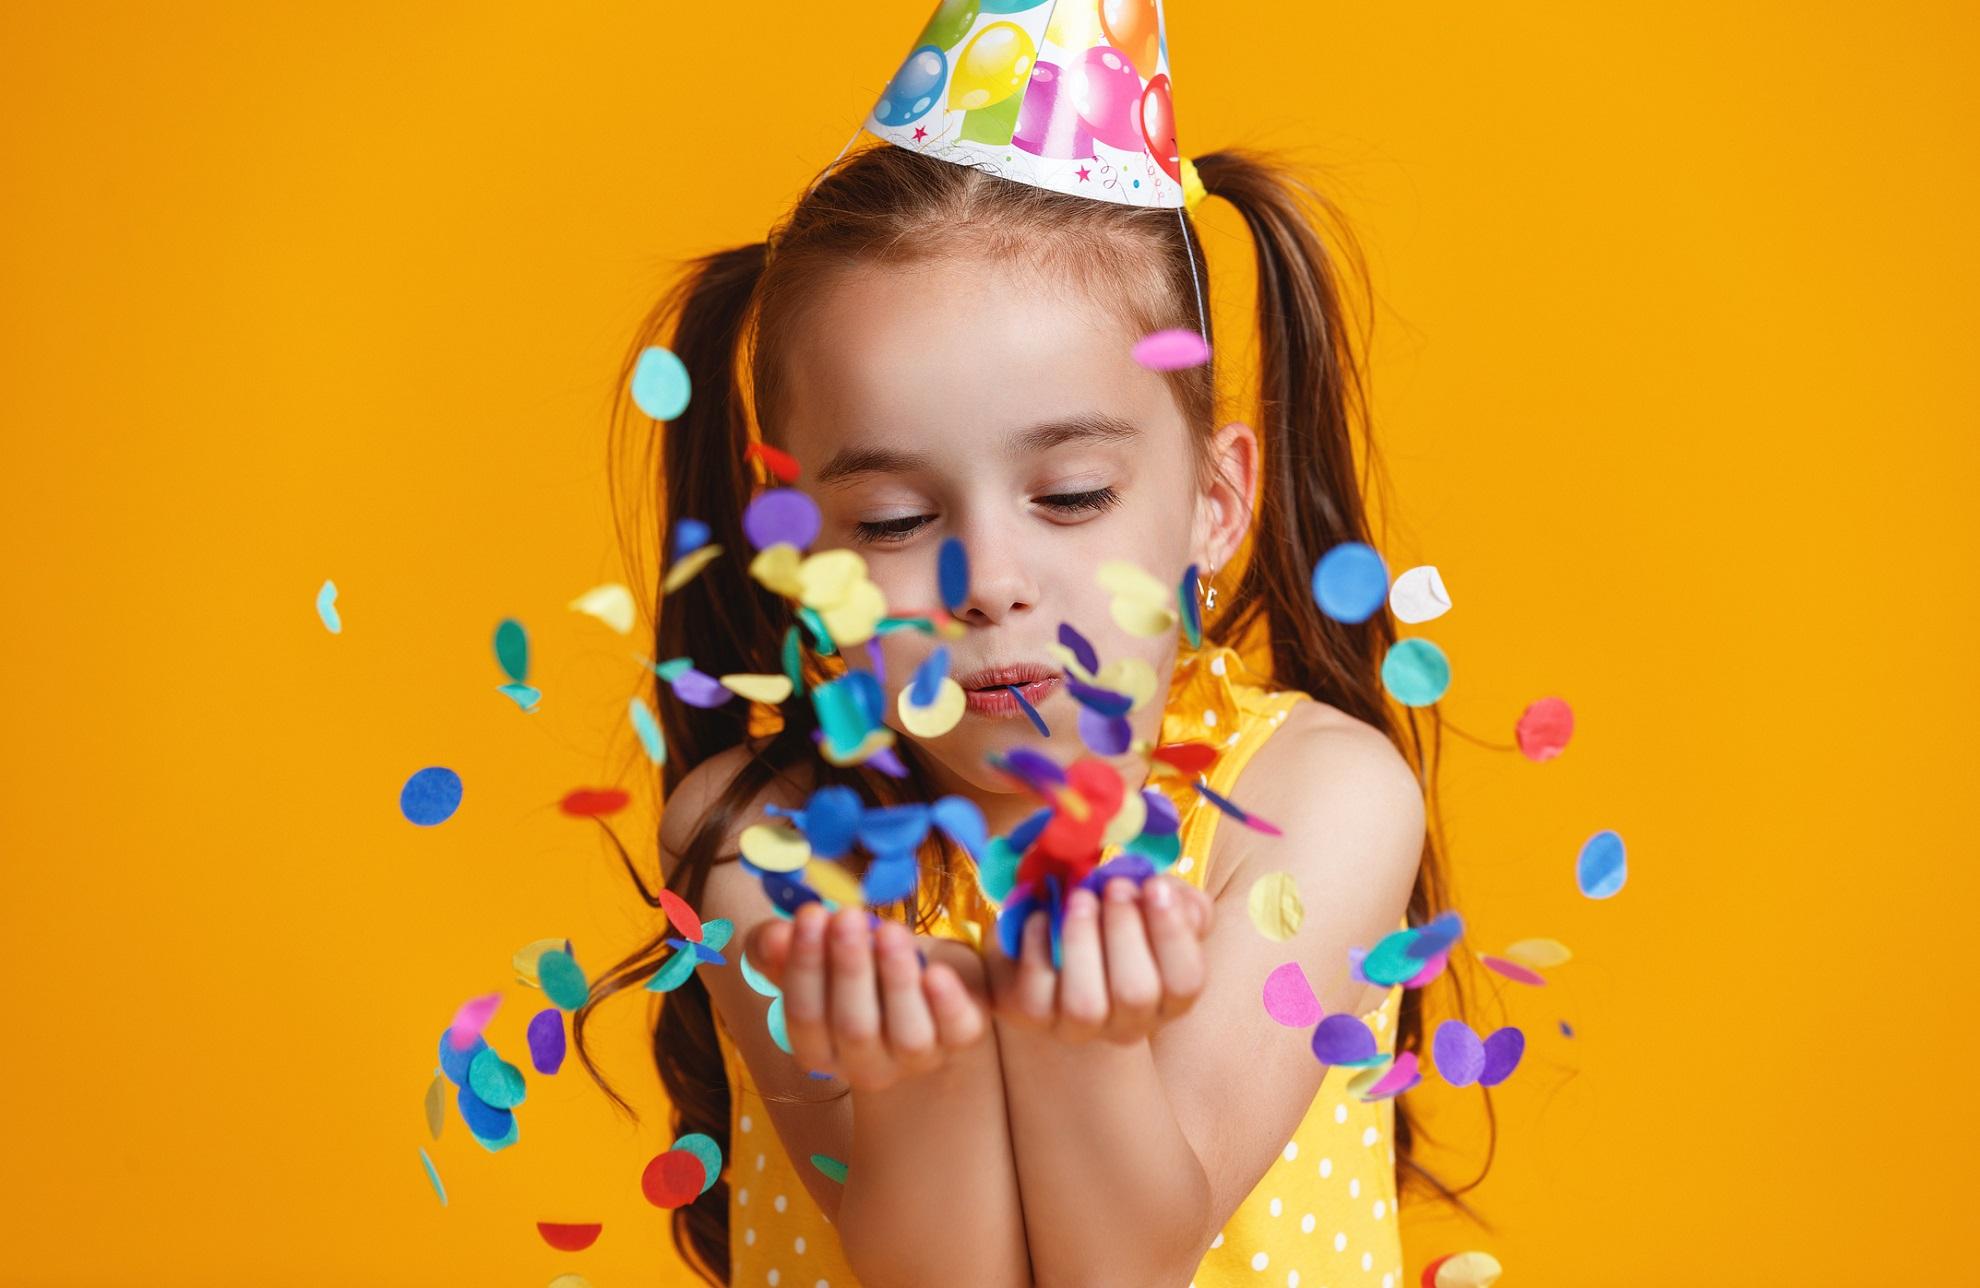 Kindergeburtstag: Die 11 Besten Spiele Für Drinnen & Draußen bei Kindergeburtstag 11 Jährige Drinnen